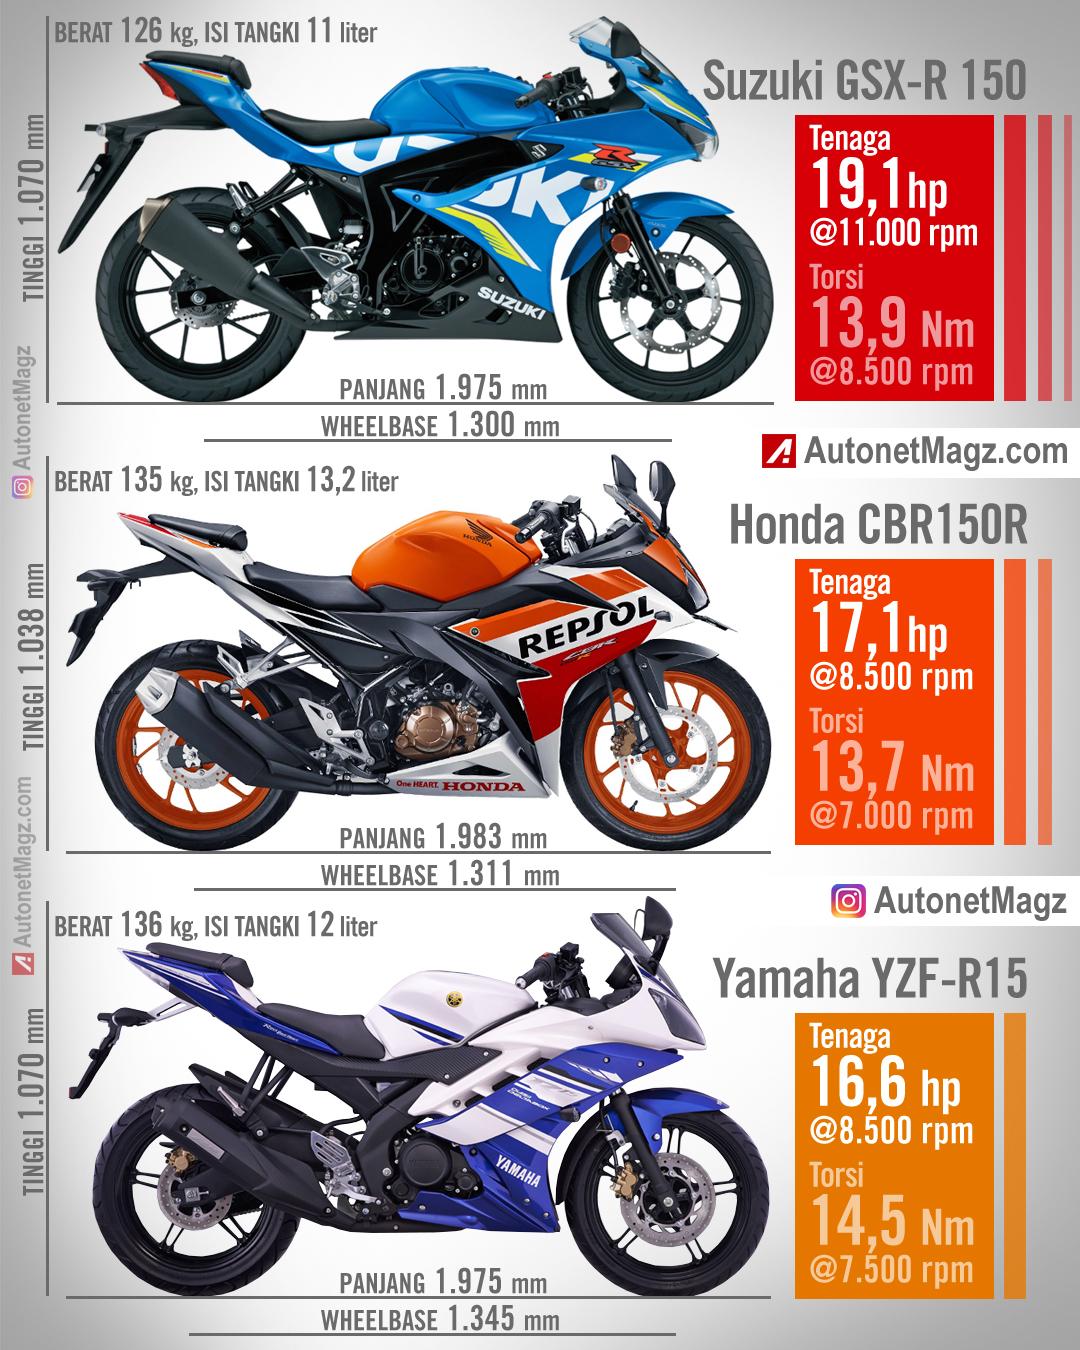 Komparasi Suzuki Gsx R150 Honda Cbr150r Yamaha R15 Compare